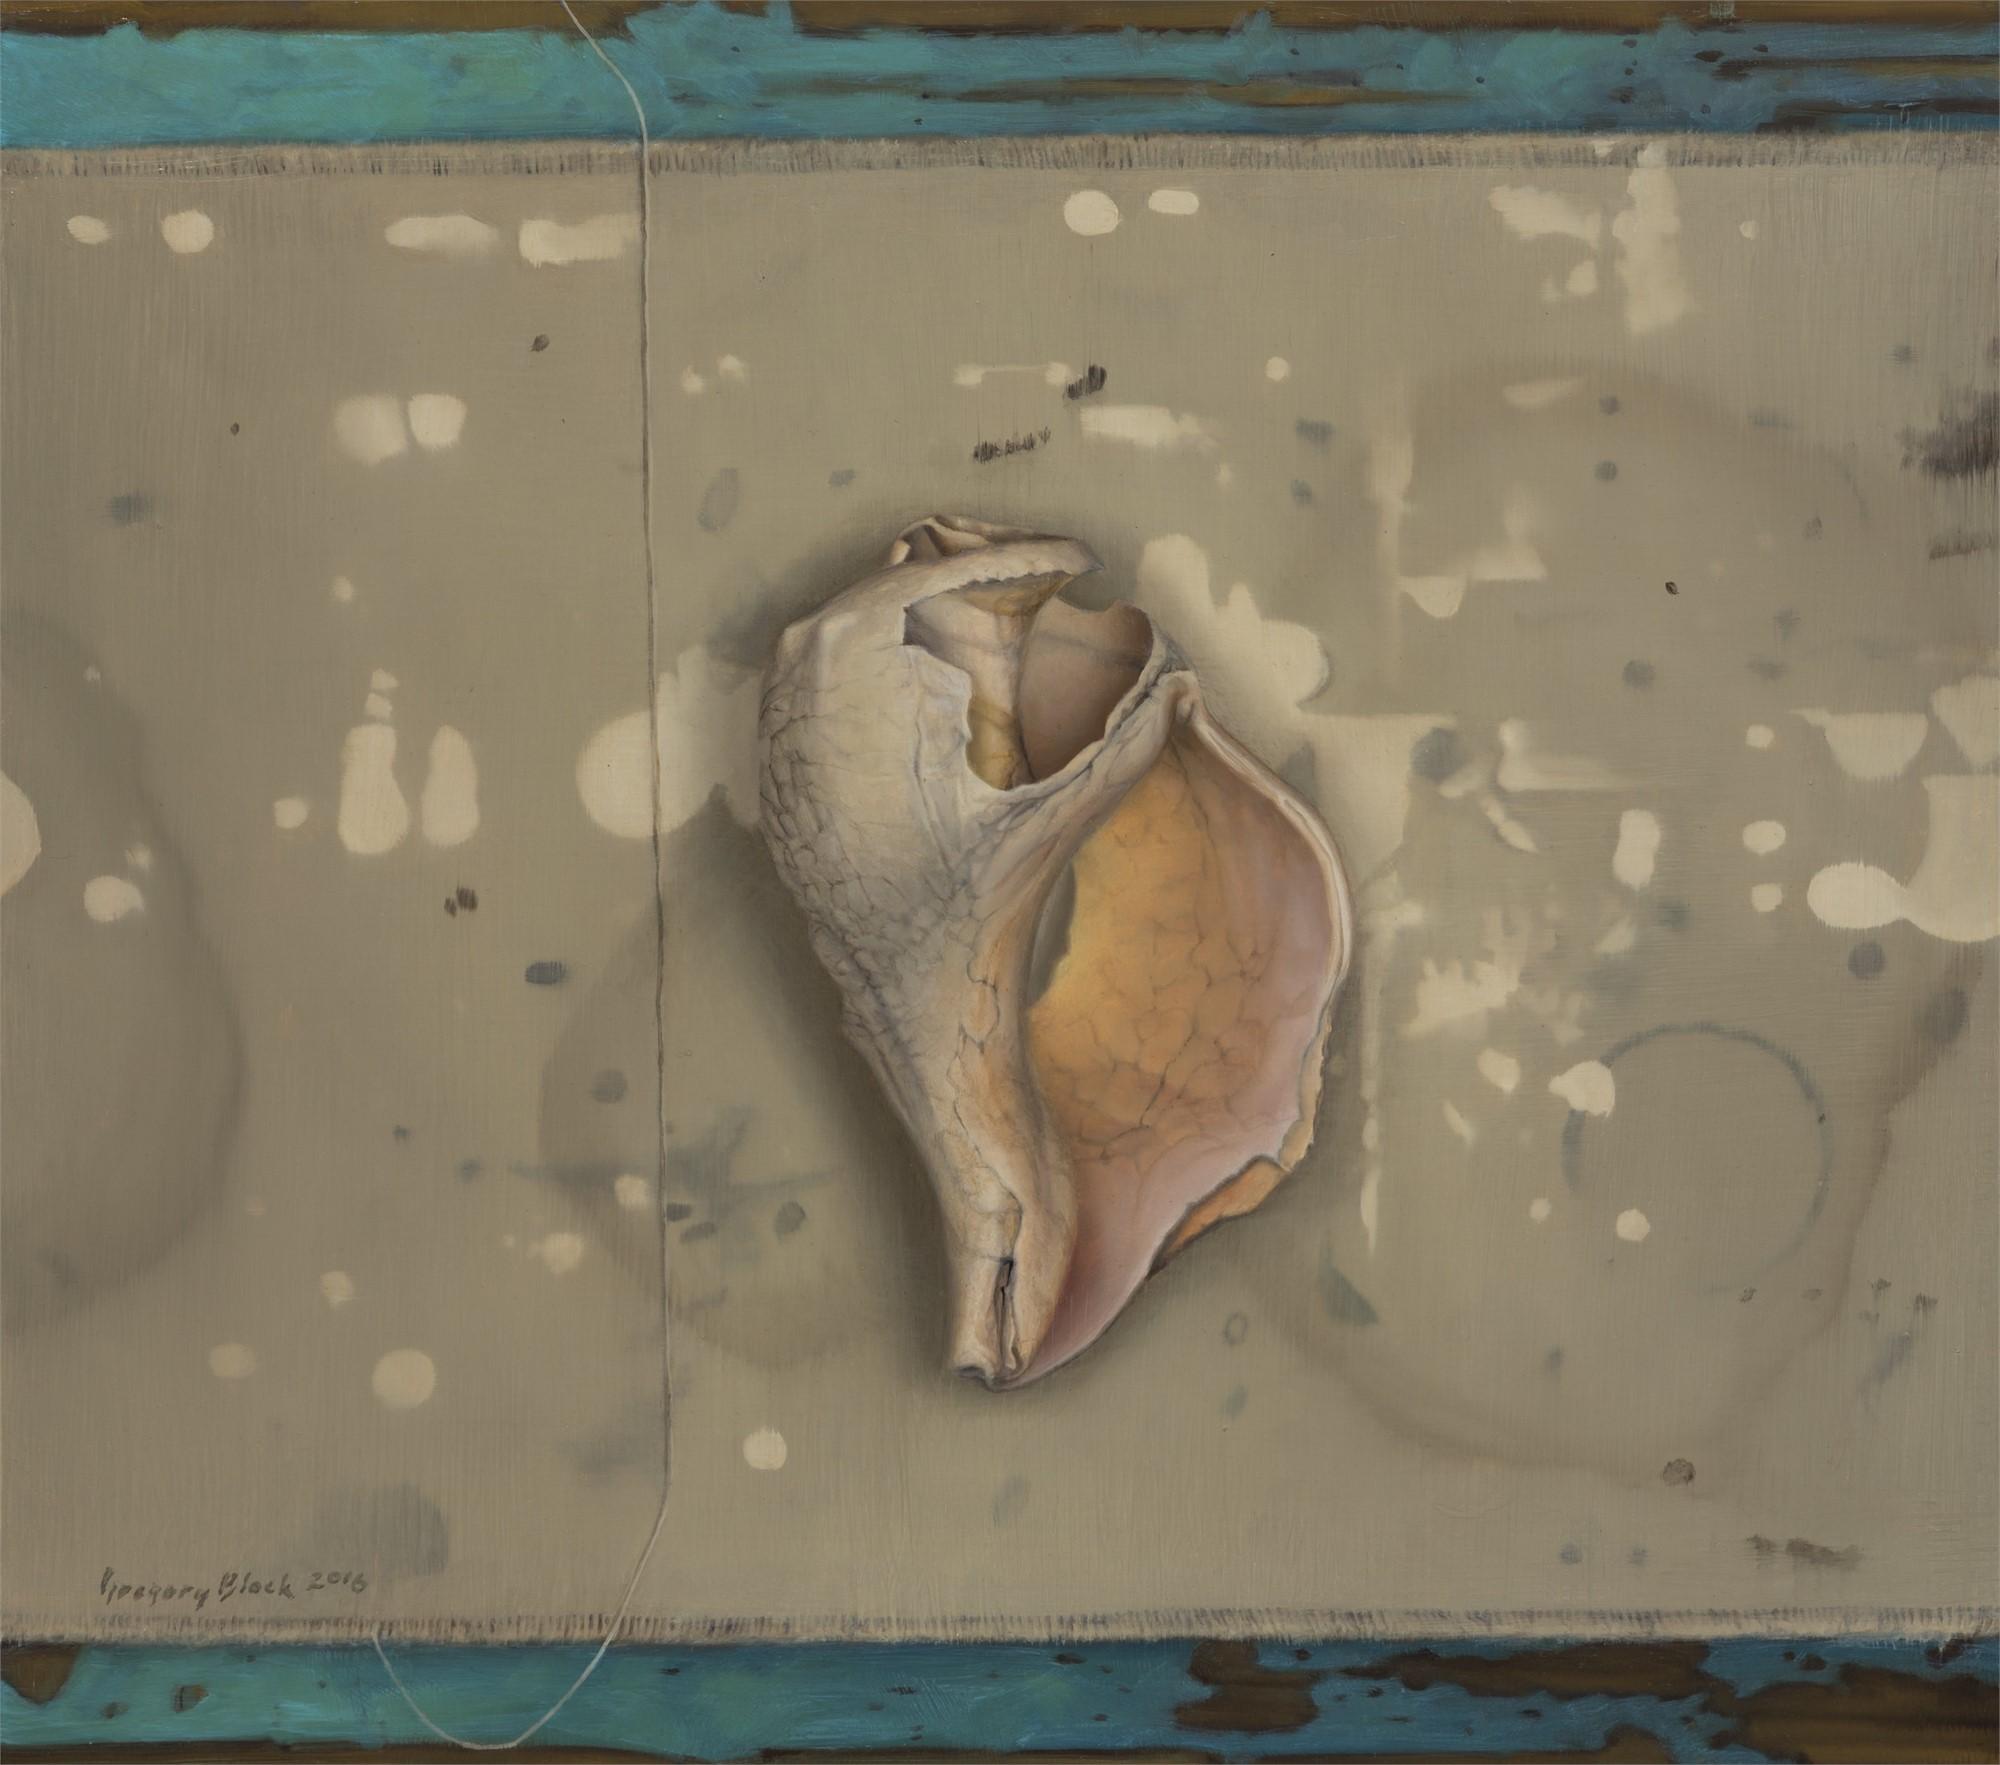 Whelk by Gregory Block